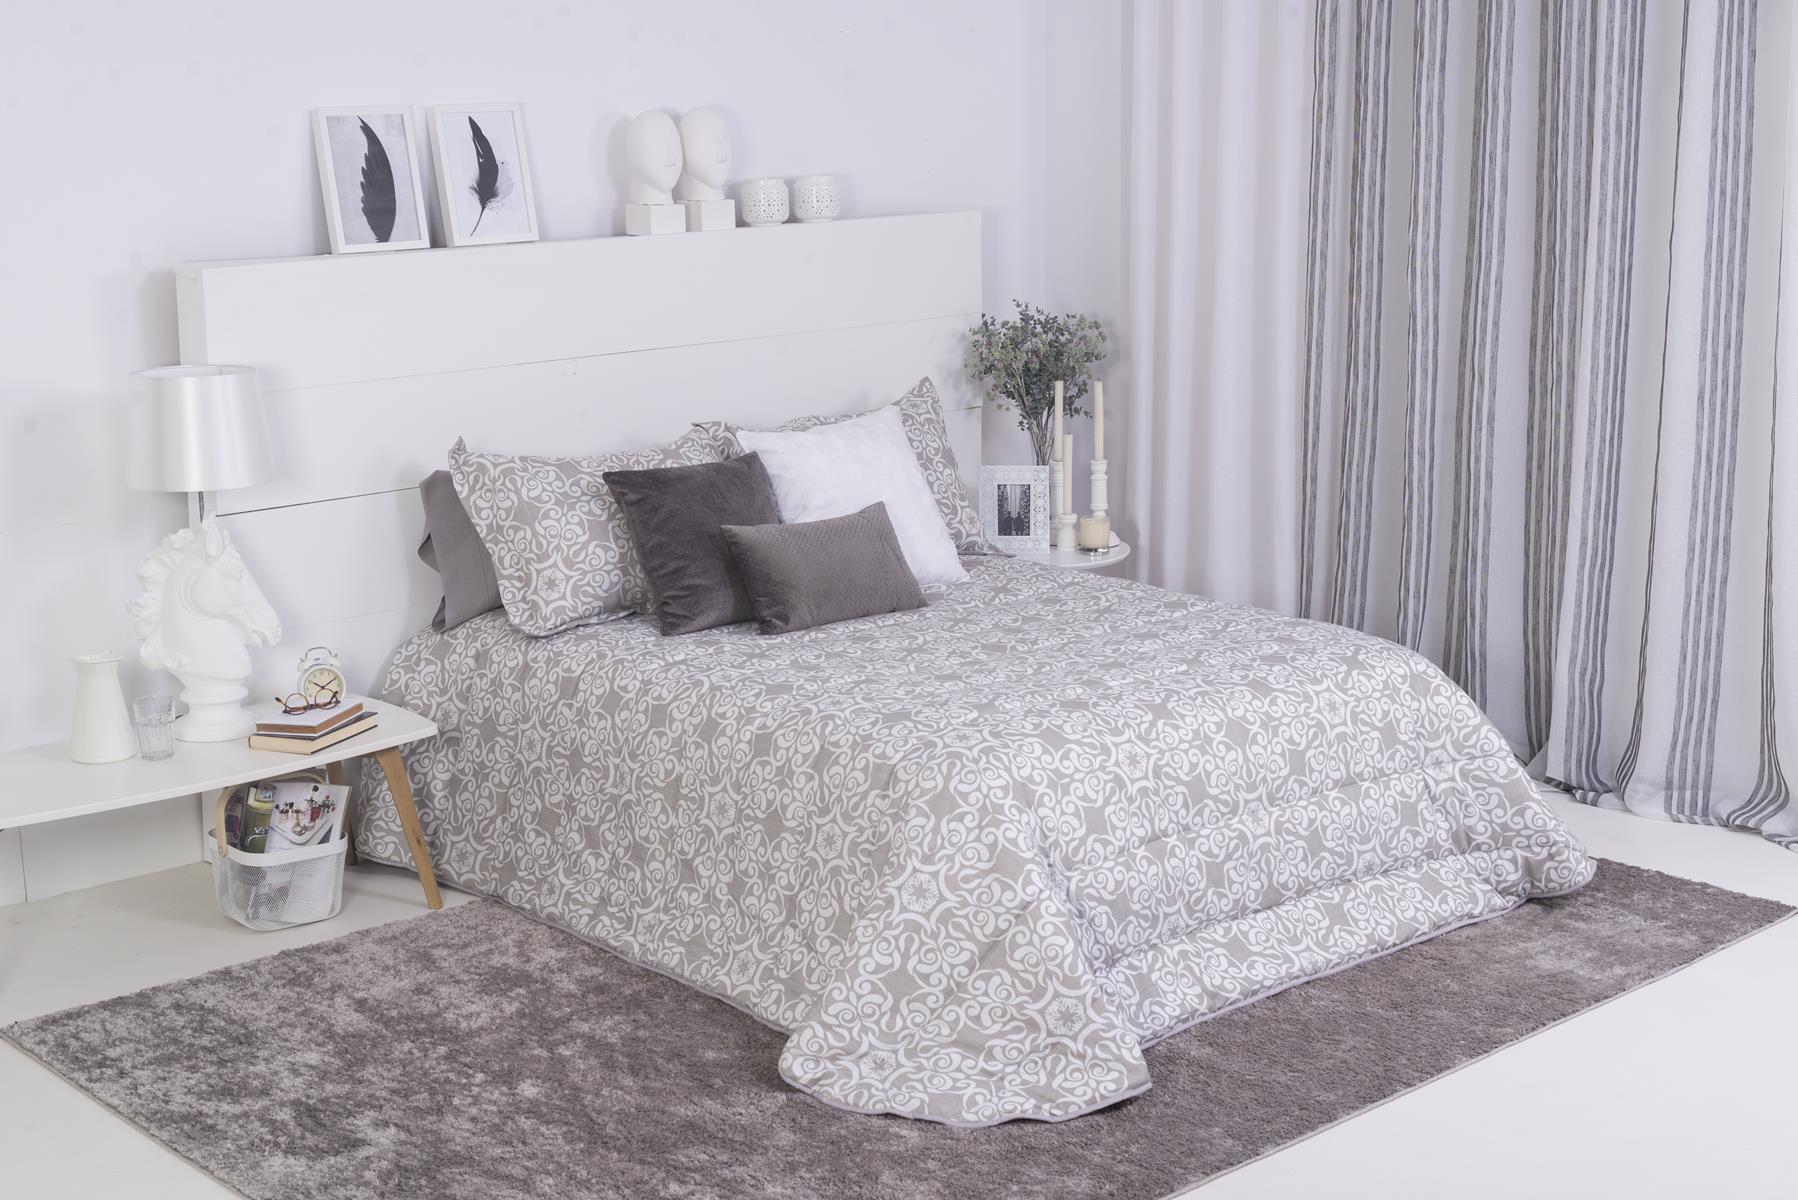 Cojines decorativos en la cama s o no magazine - Decoracion cojines ...